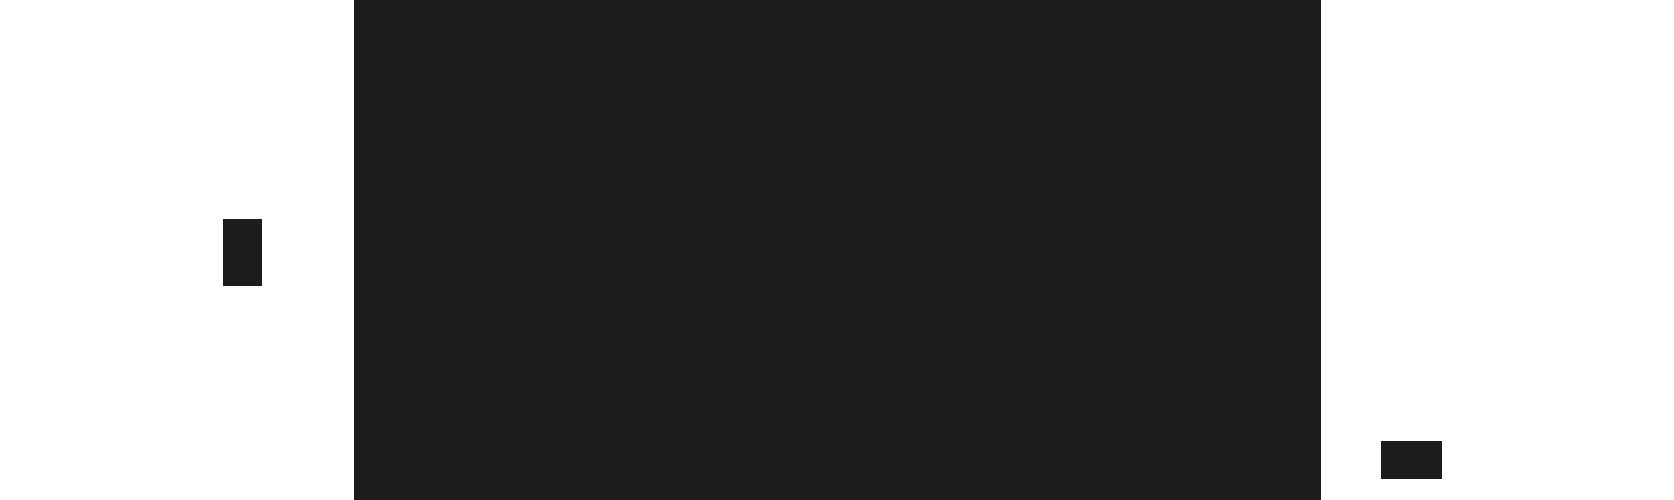 """Shure 55SH El legendario """"micrófono de Elvis"""" Imagen de la curva de la respuesta en frecuencia"""